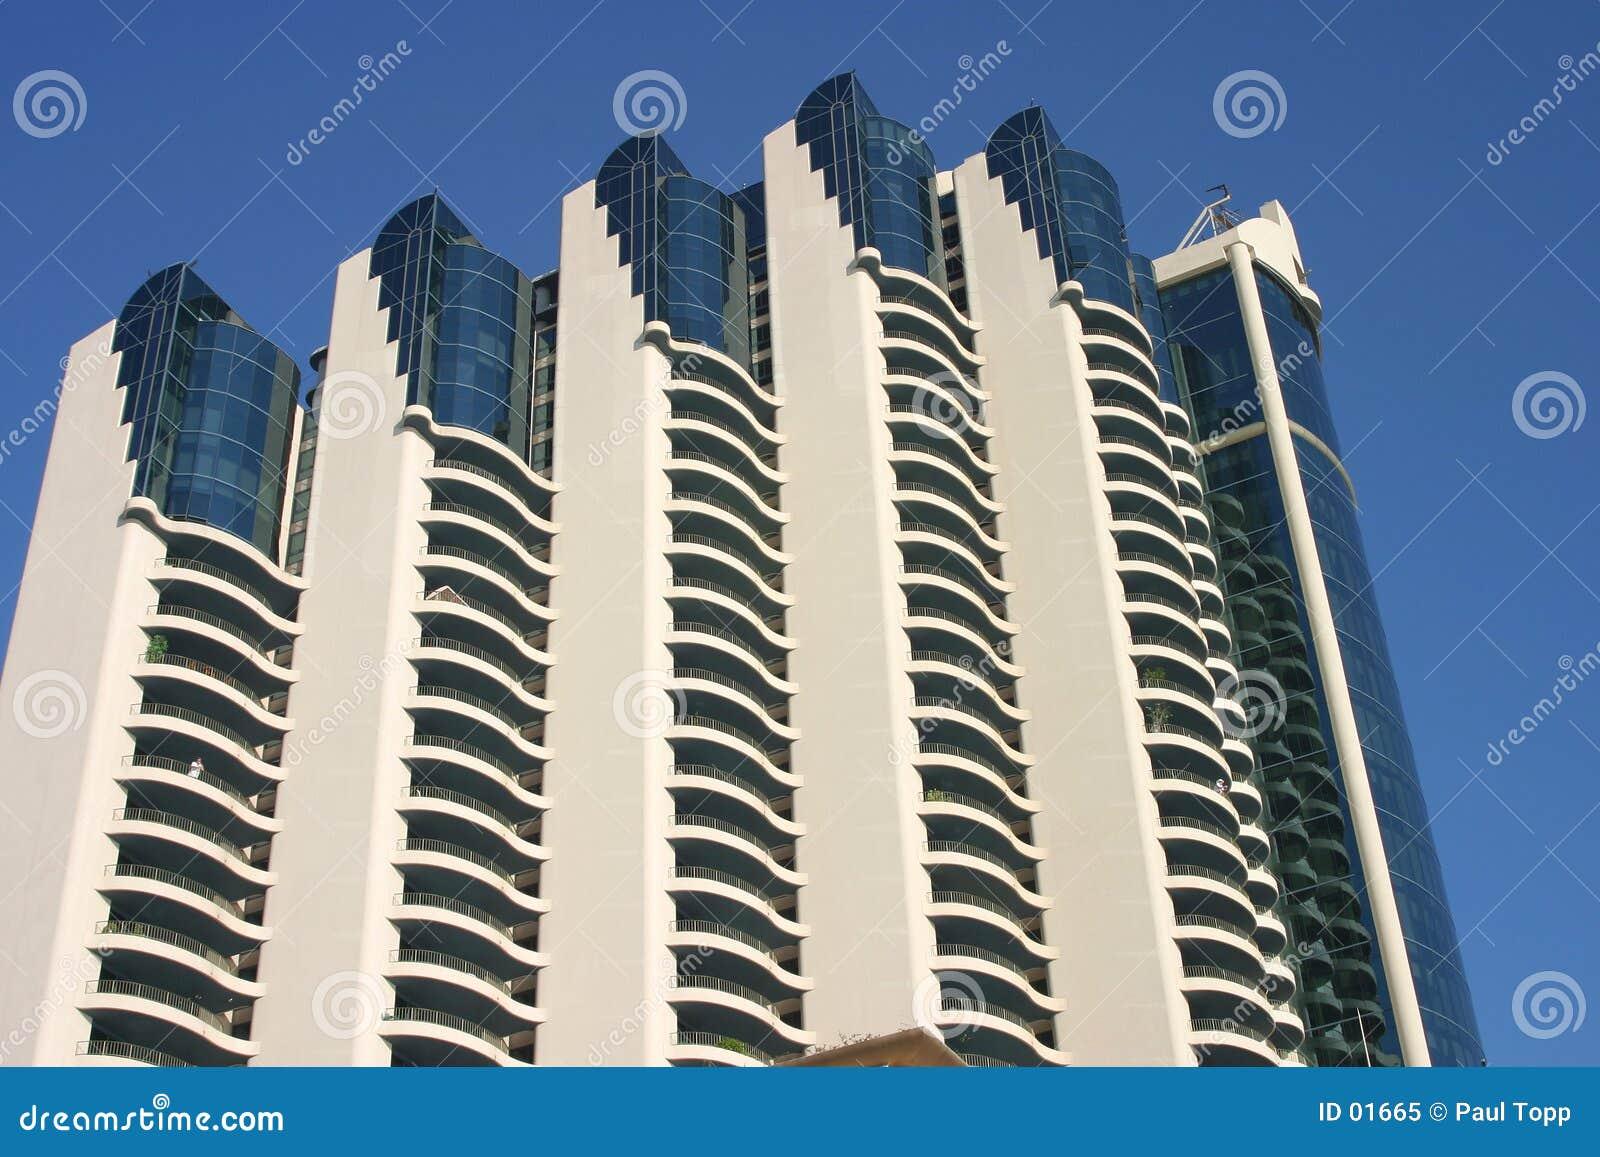 Przeciwko błękitnemu budynek nowoczesnego odizolowane niebo